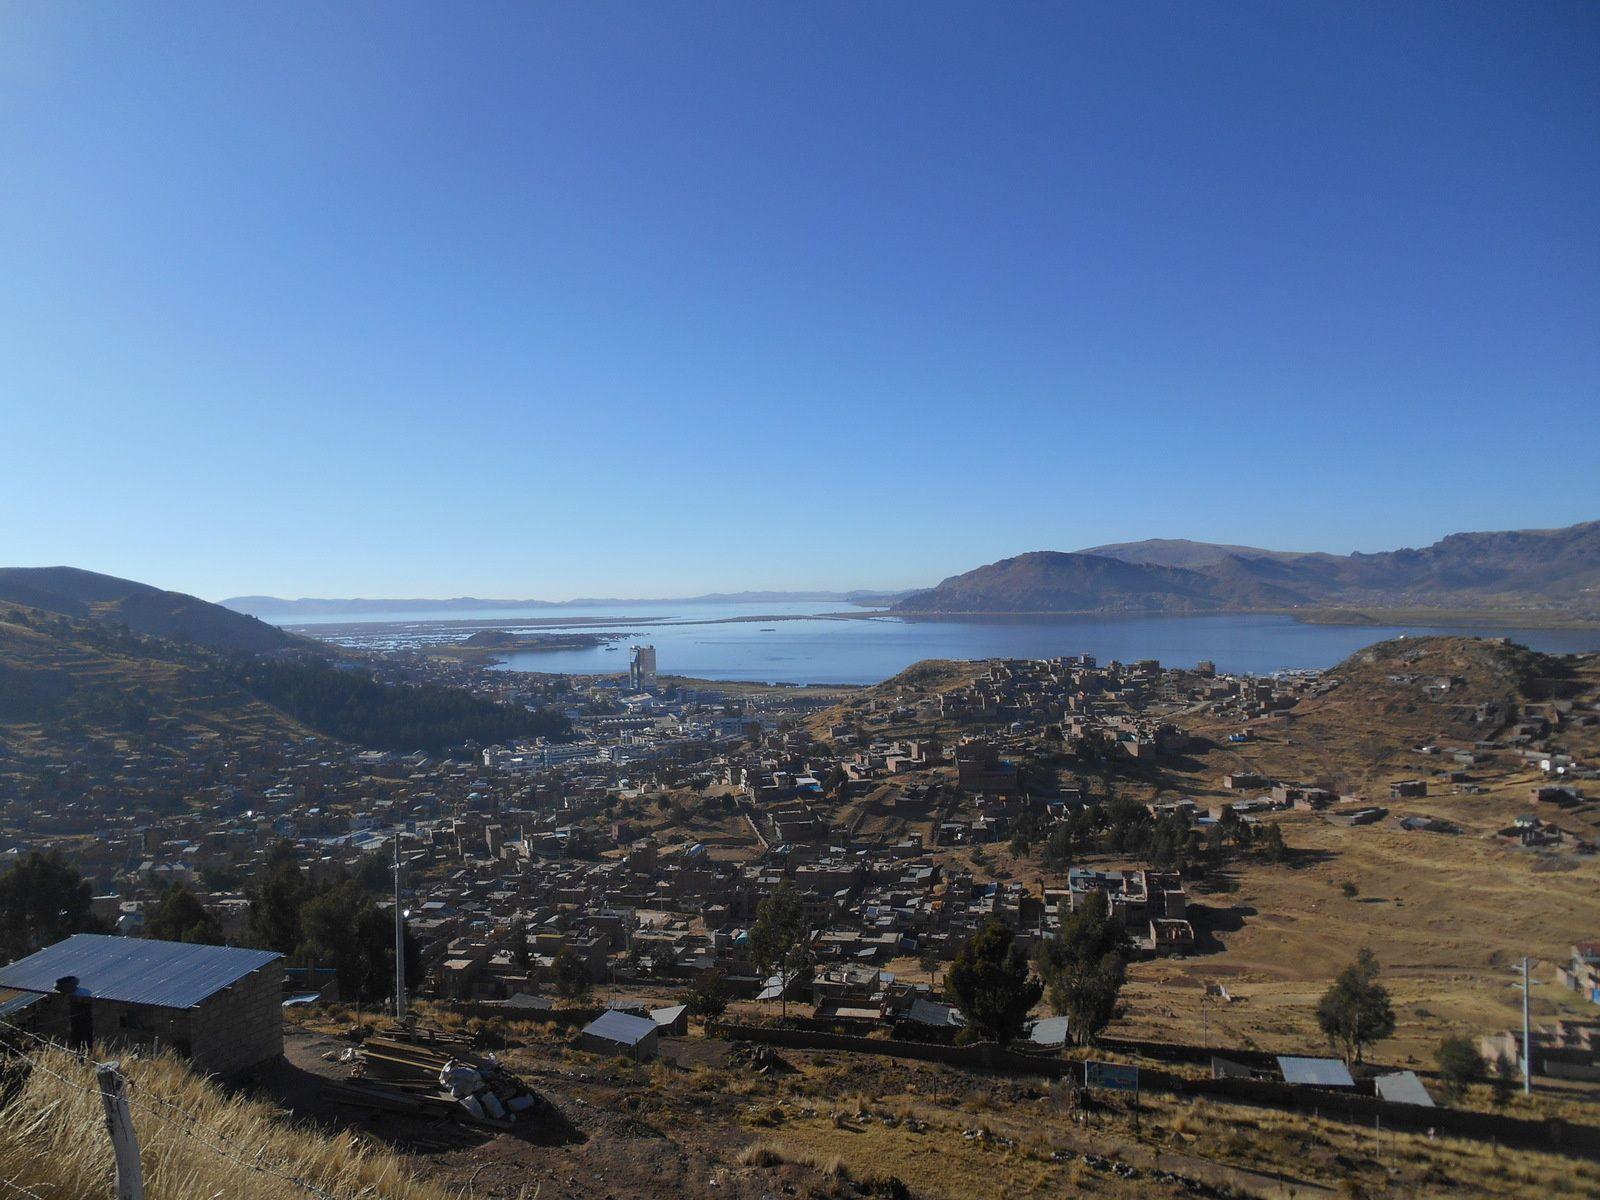 Cela nous permet de voir une dernière fois le lac Titicaca,...